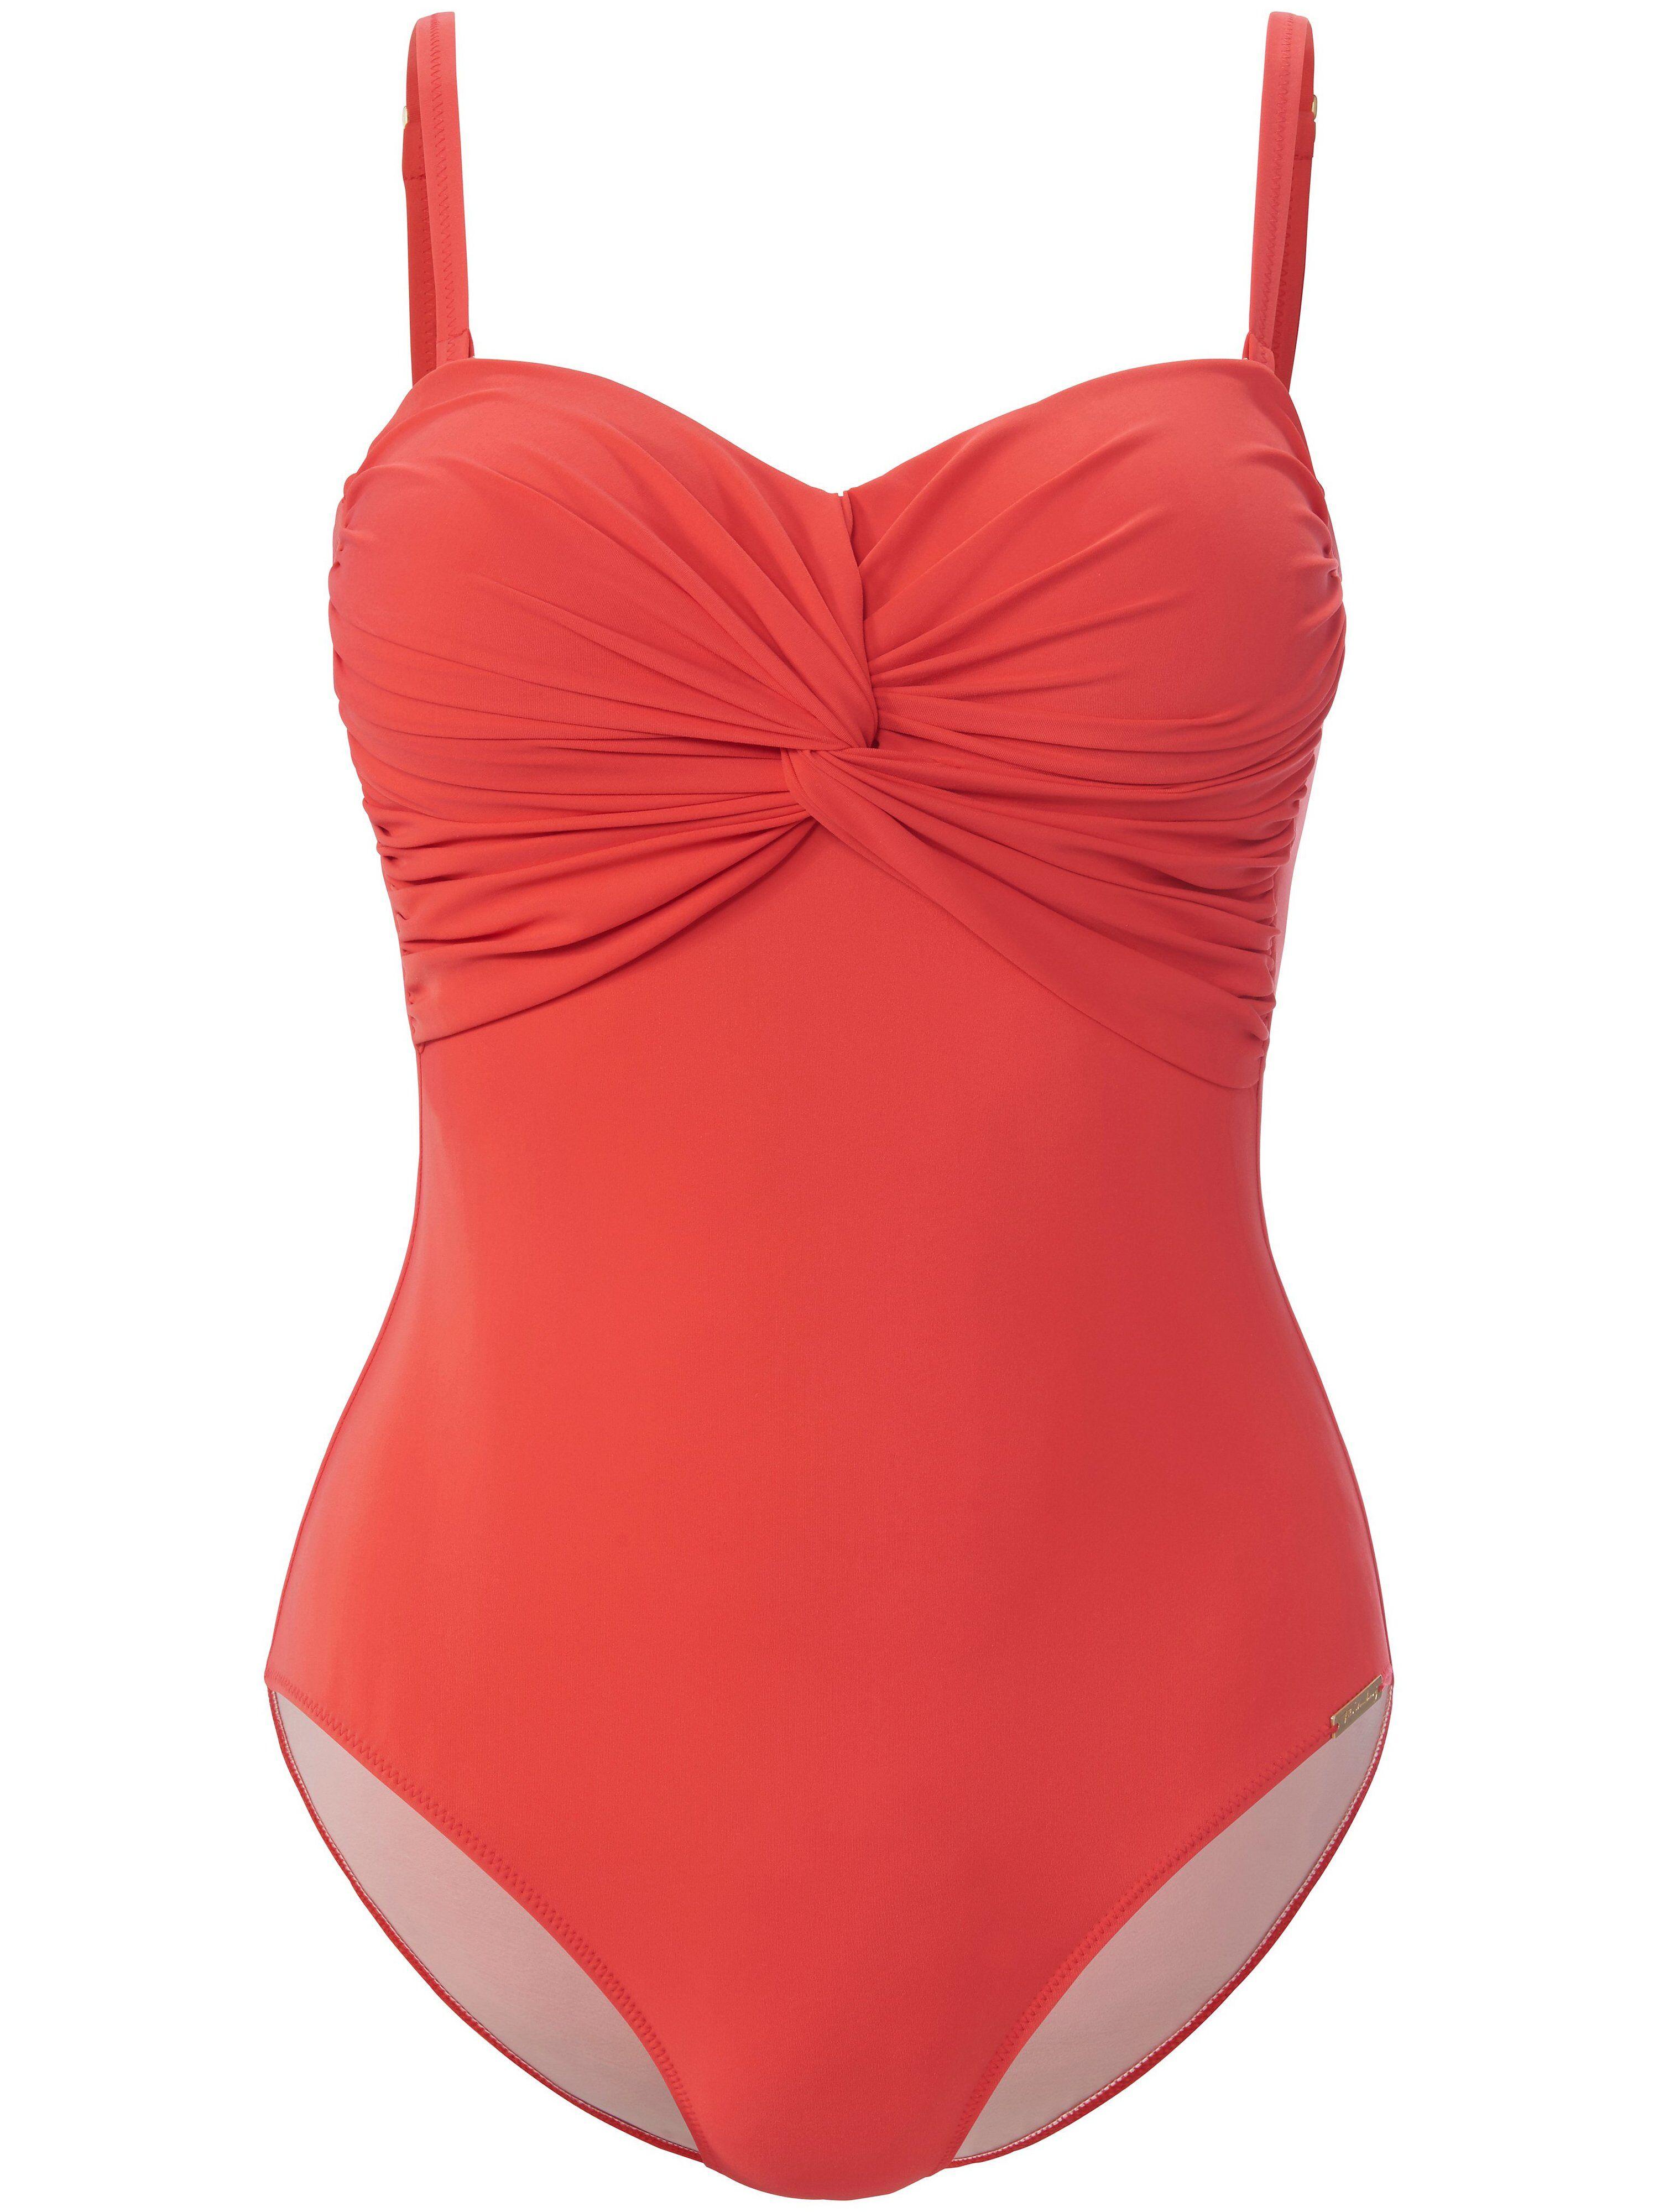 Fürstenberg Le maillot bain forme bandeau  Fürstenberg rouge  - Femme - 44